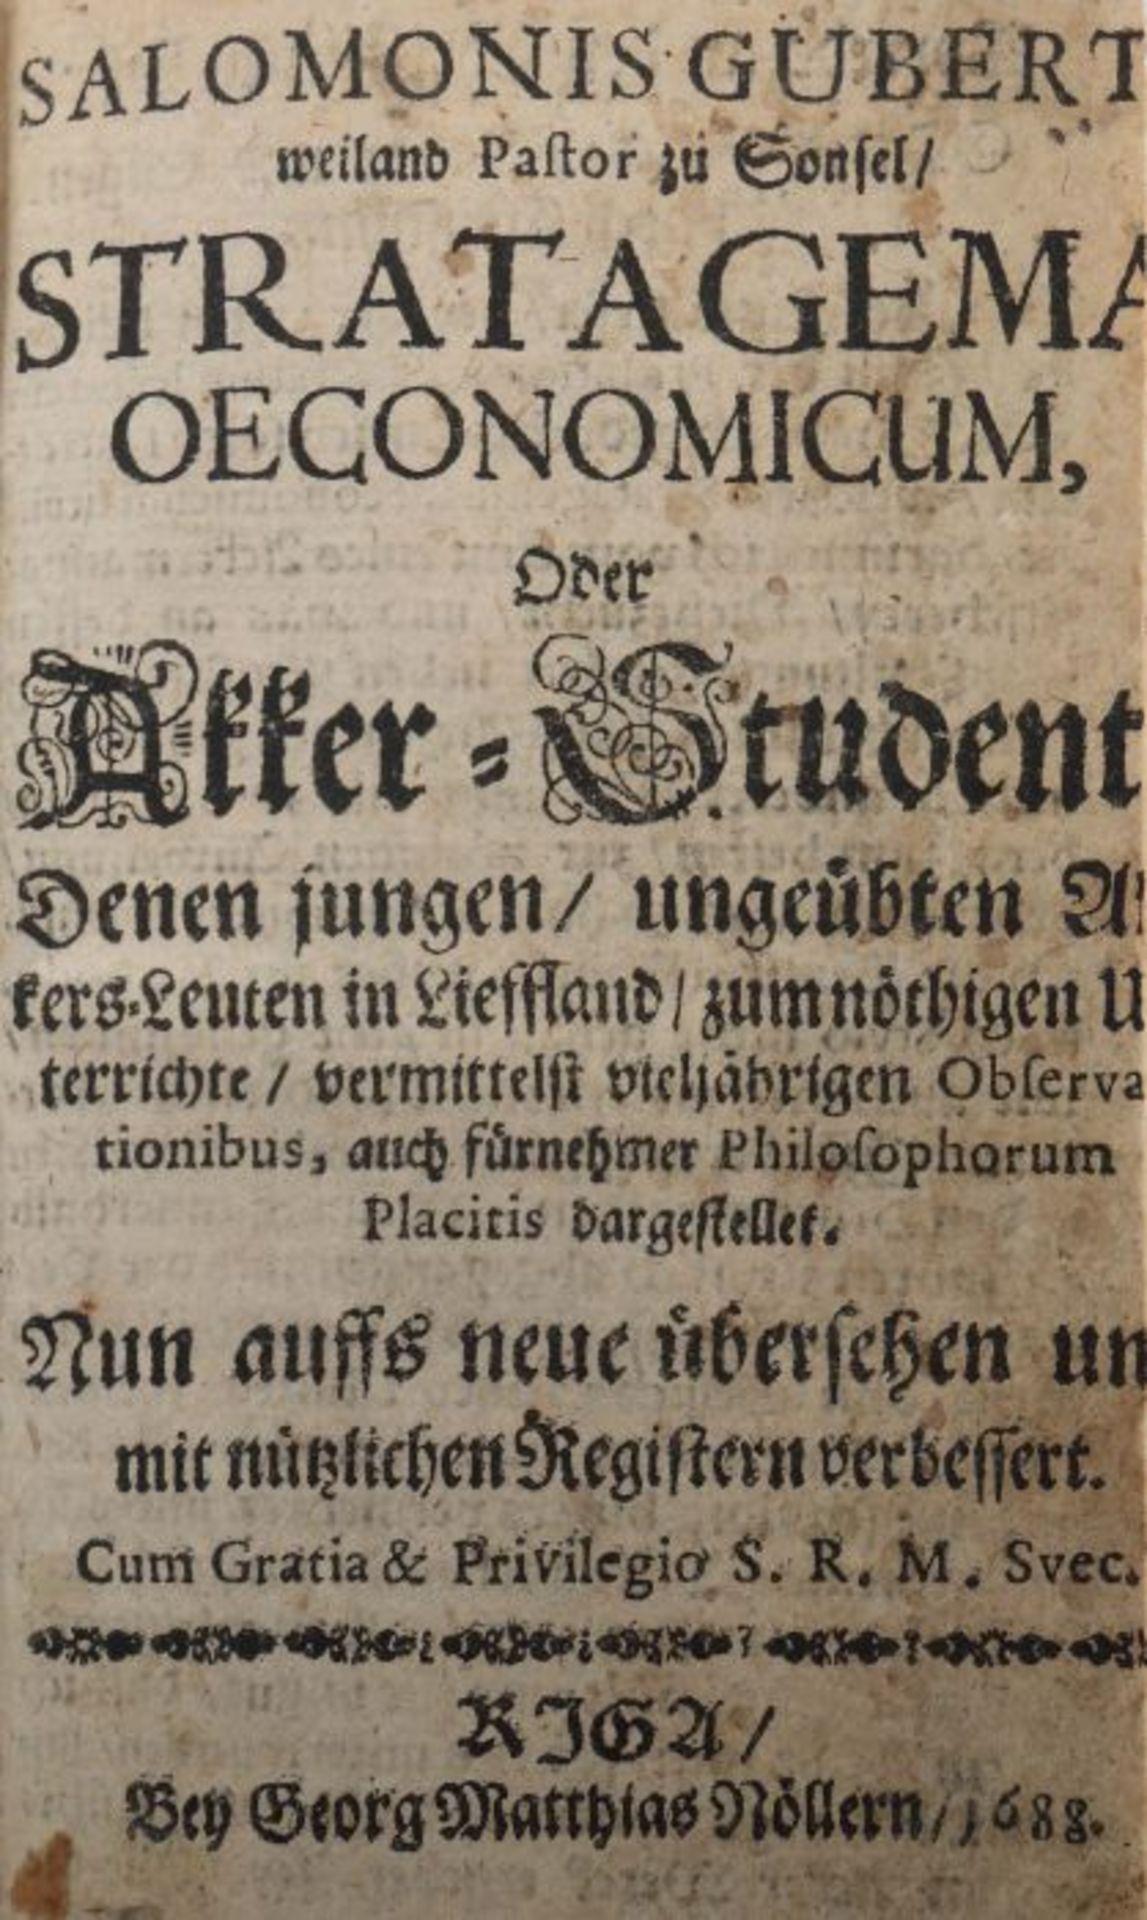 Gubert, Salomo Stratagema oeconomicum, Oder Akker-Student Denen jungen, ungeübten Akkers-Leuten in - Bild 3 aus 4